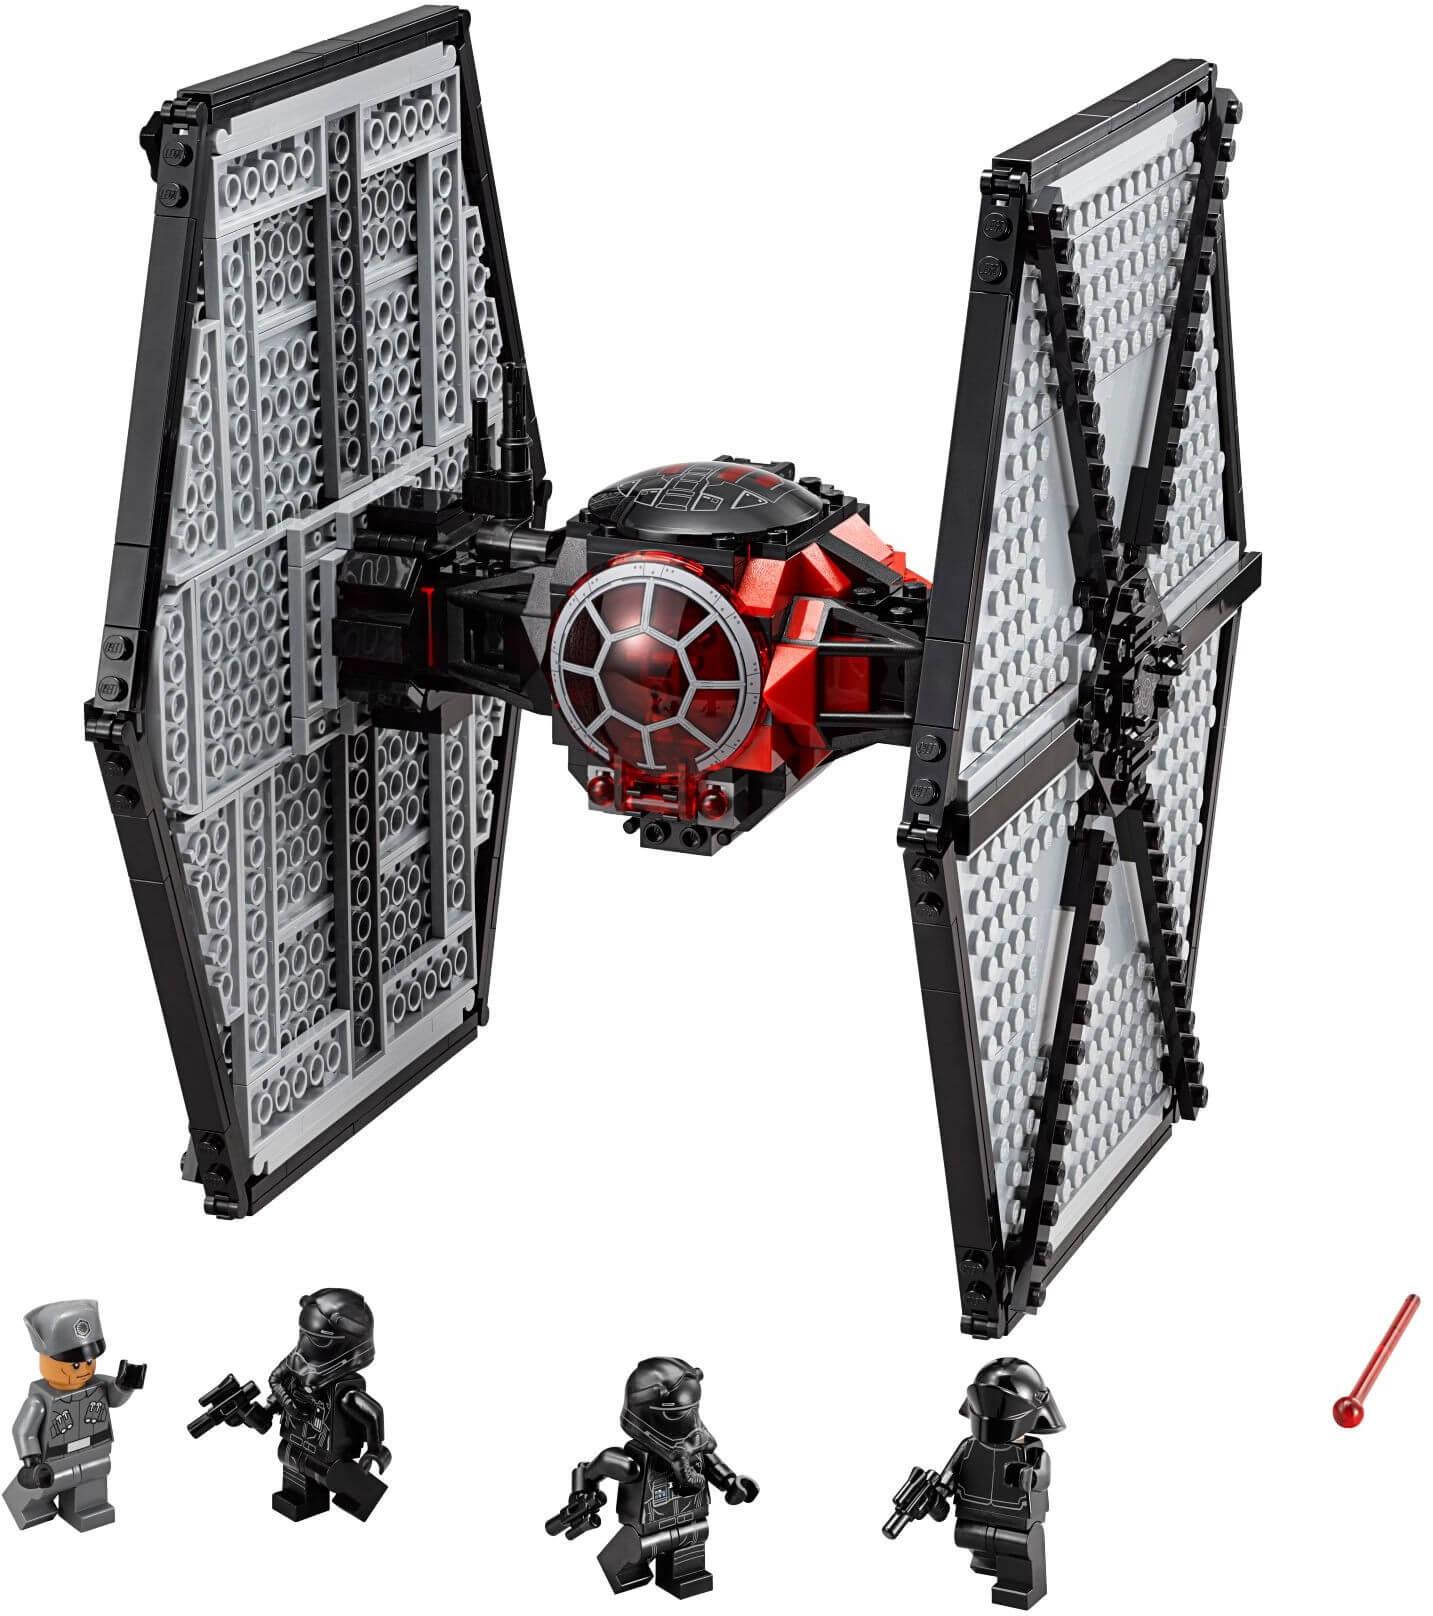 Mua đồ chơi LEGO 75101 - LEGO Star Wars 75101 - Máy bay TIE Fighter của đội đặc nhiệm First Order (LEGO Star Wars First Order Special Forces TIE fighter 75101)